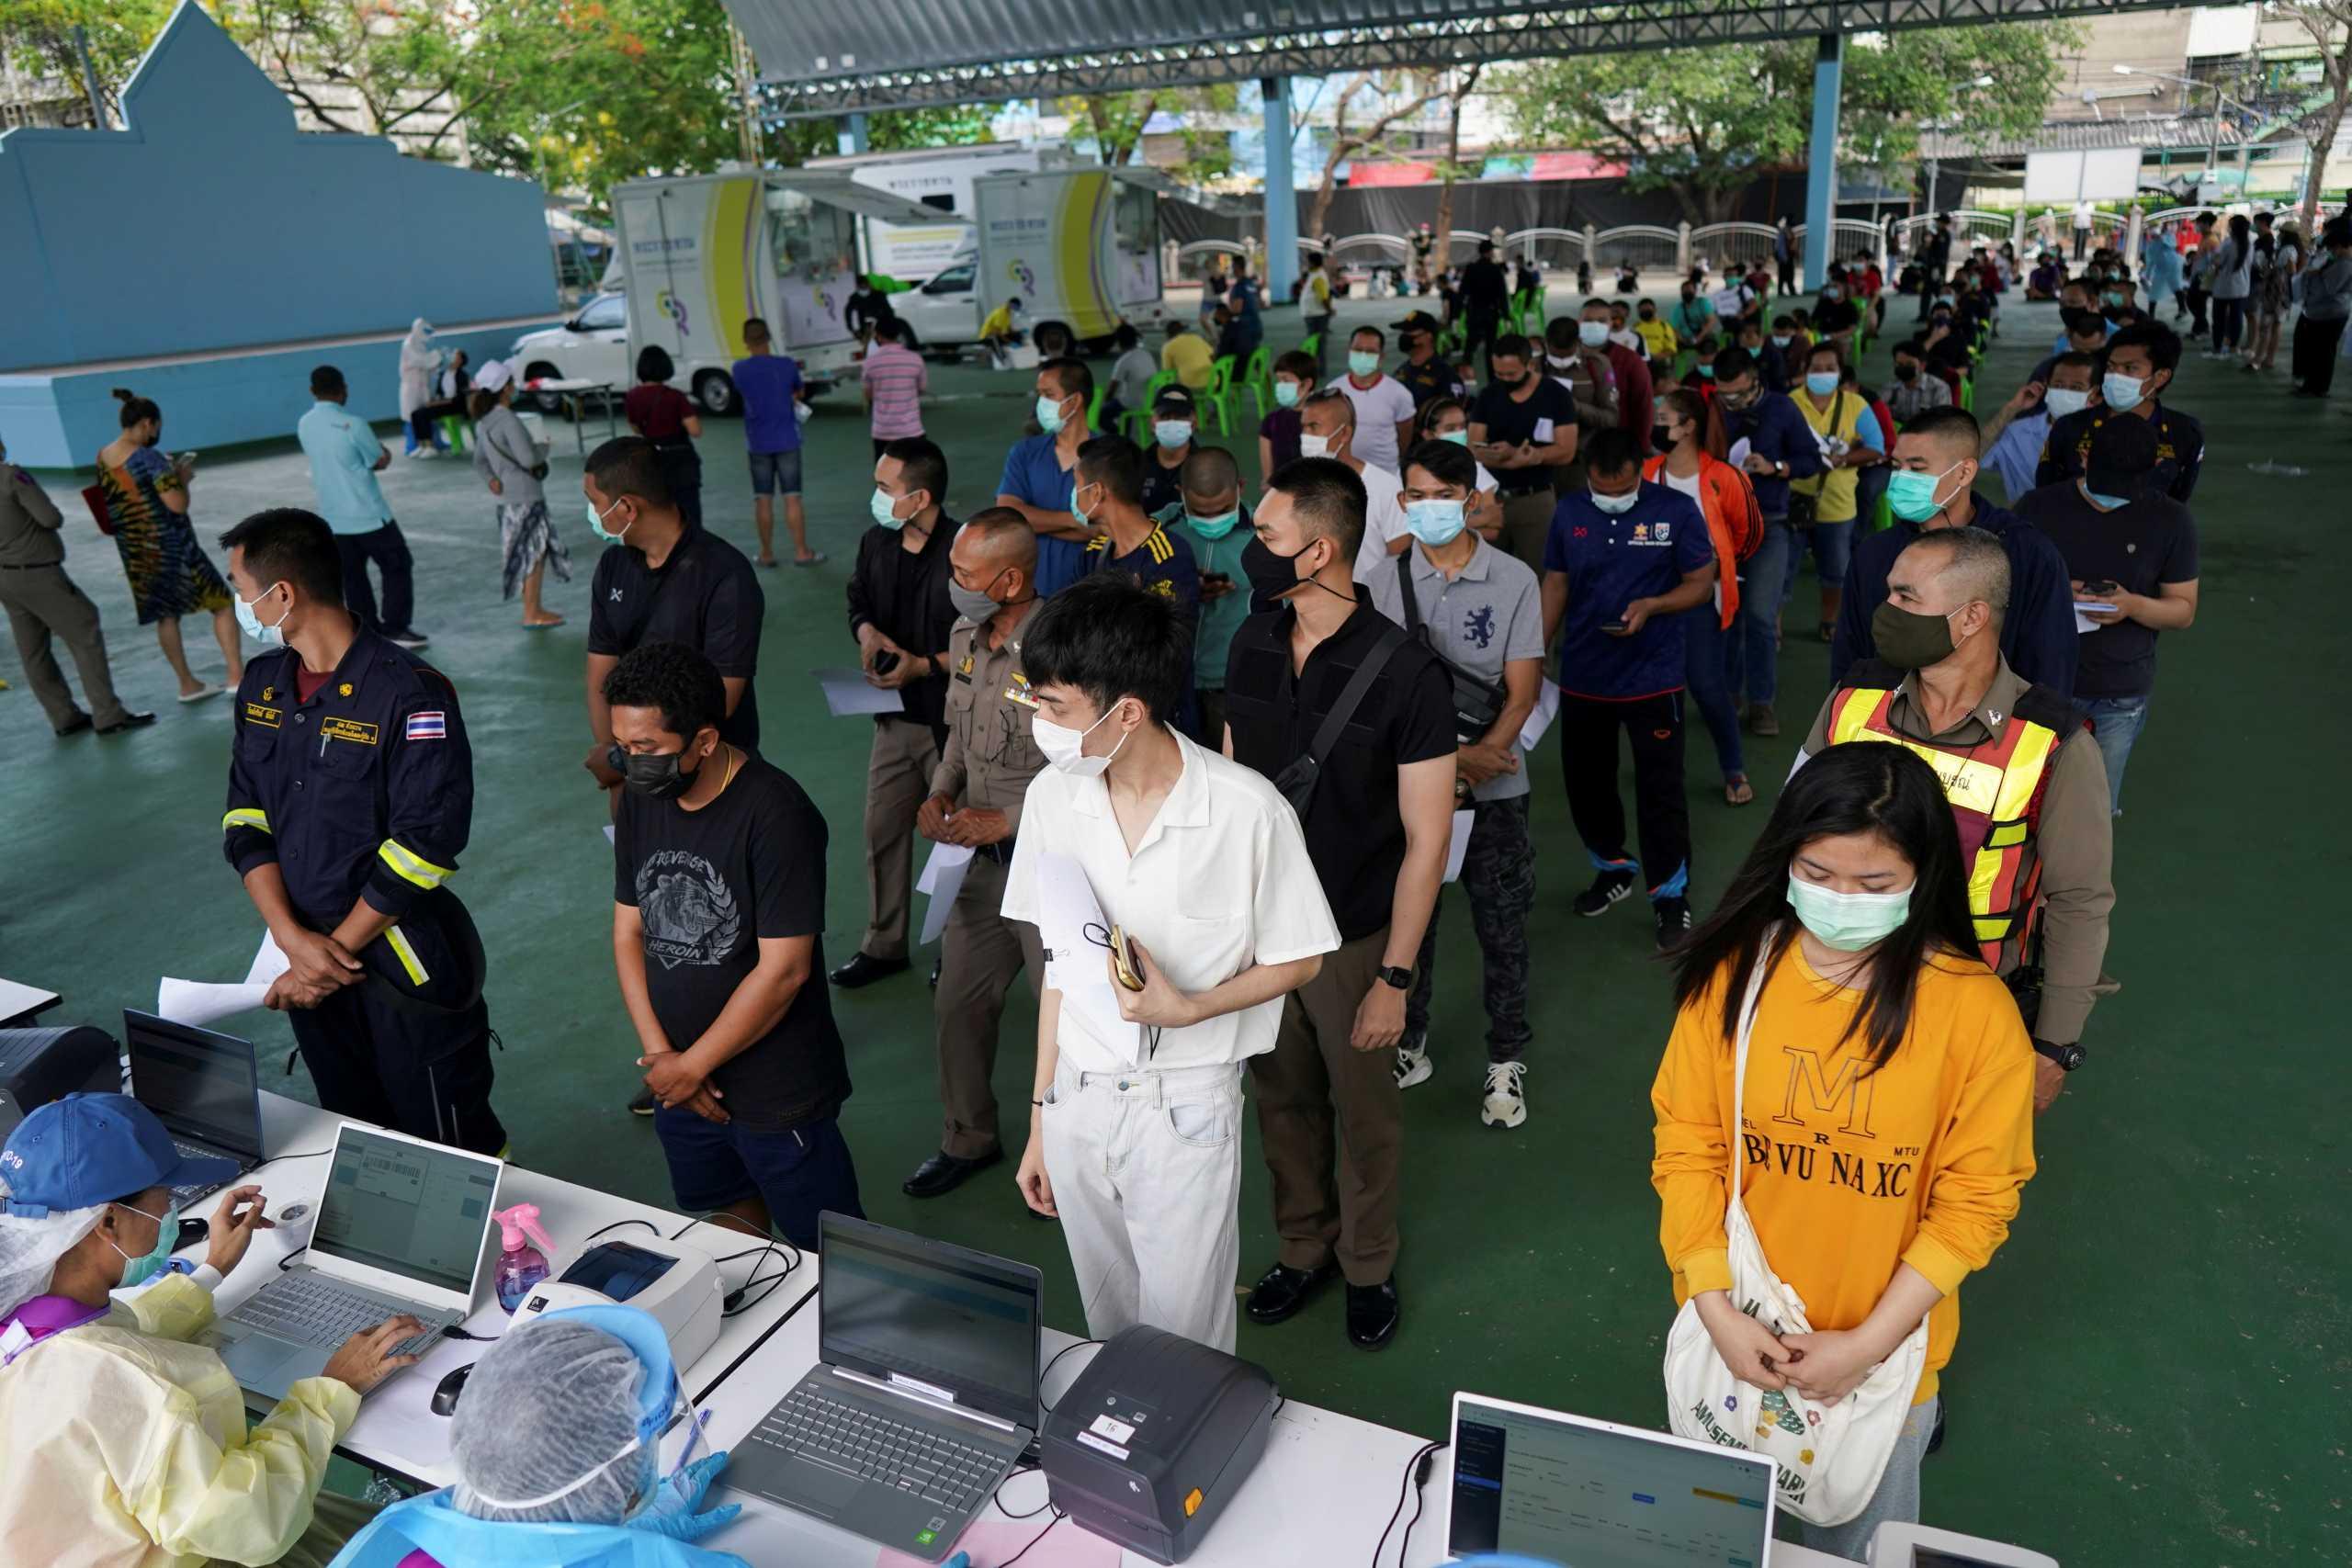 Ταϊλάνδη: Ανάσα από την μείωση των κρουσμάτων κορονοϊού μετά τα συνεχή ρεκόρ